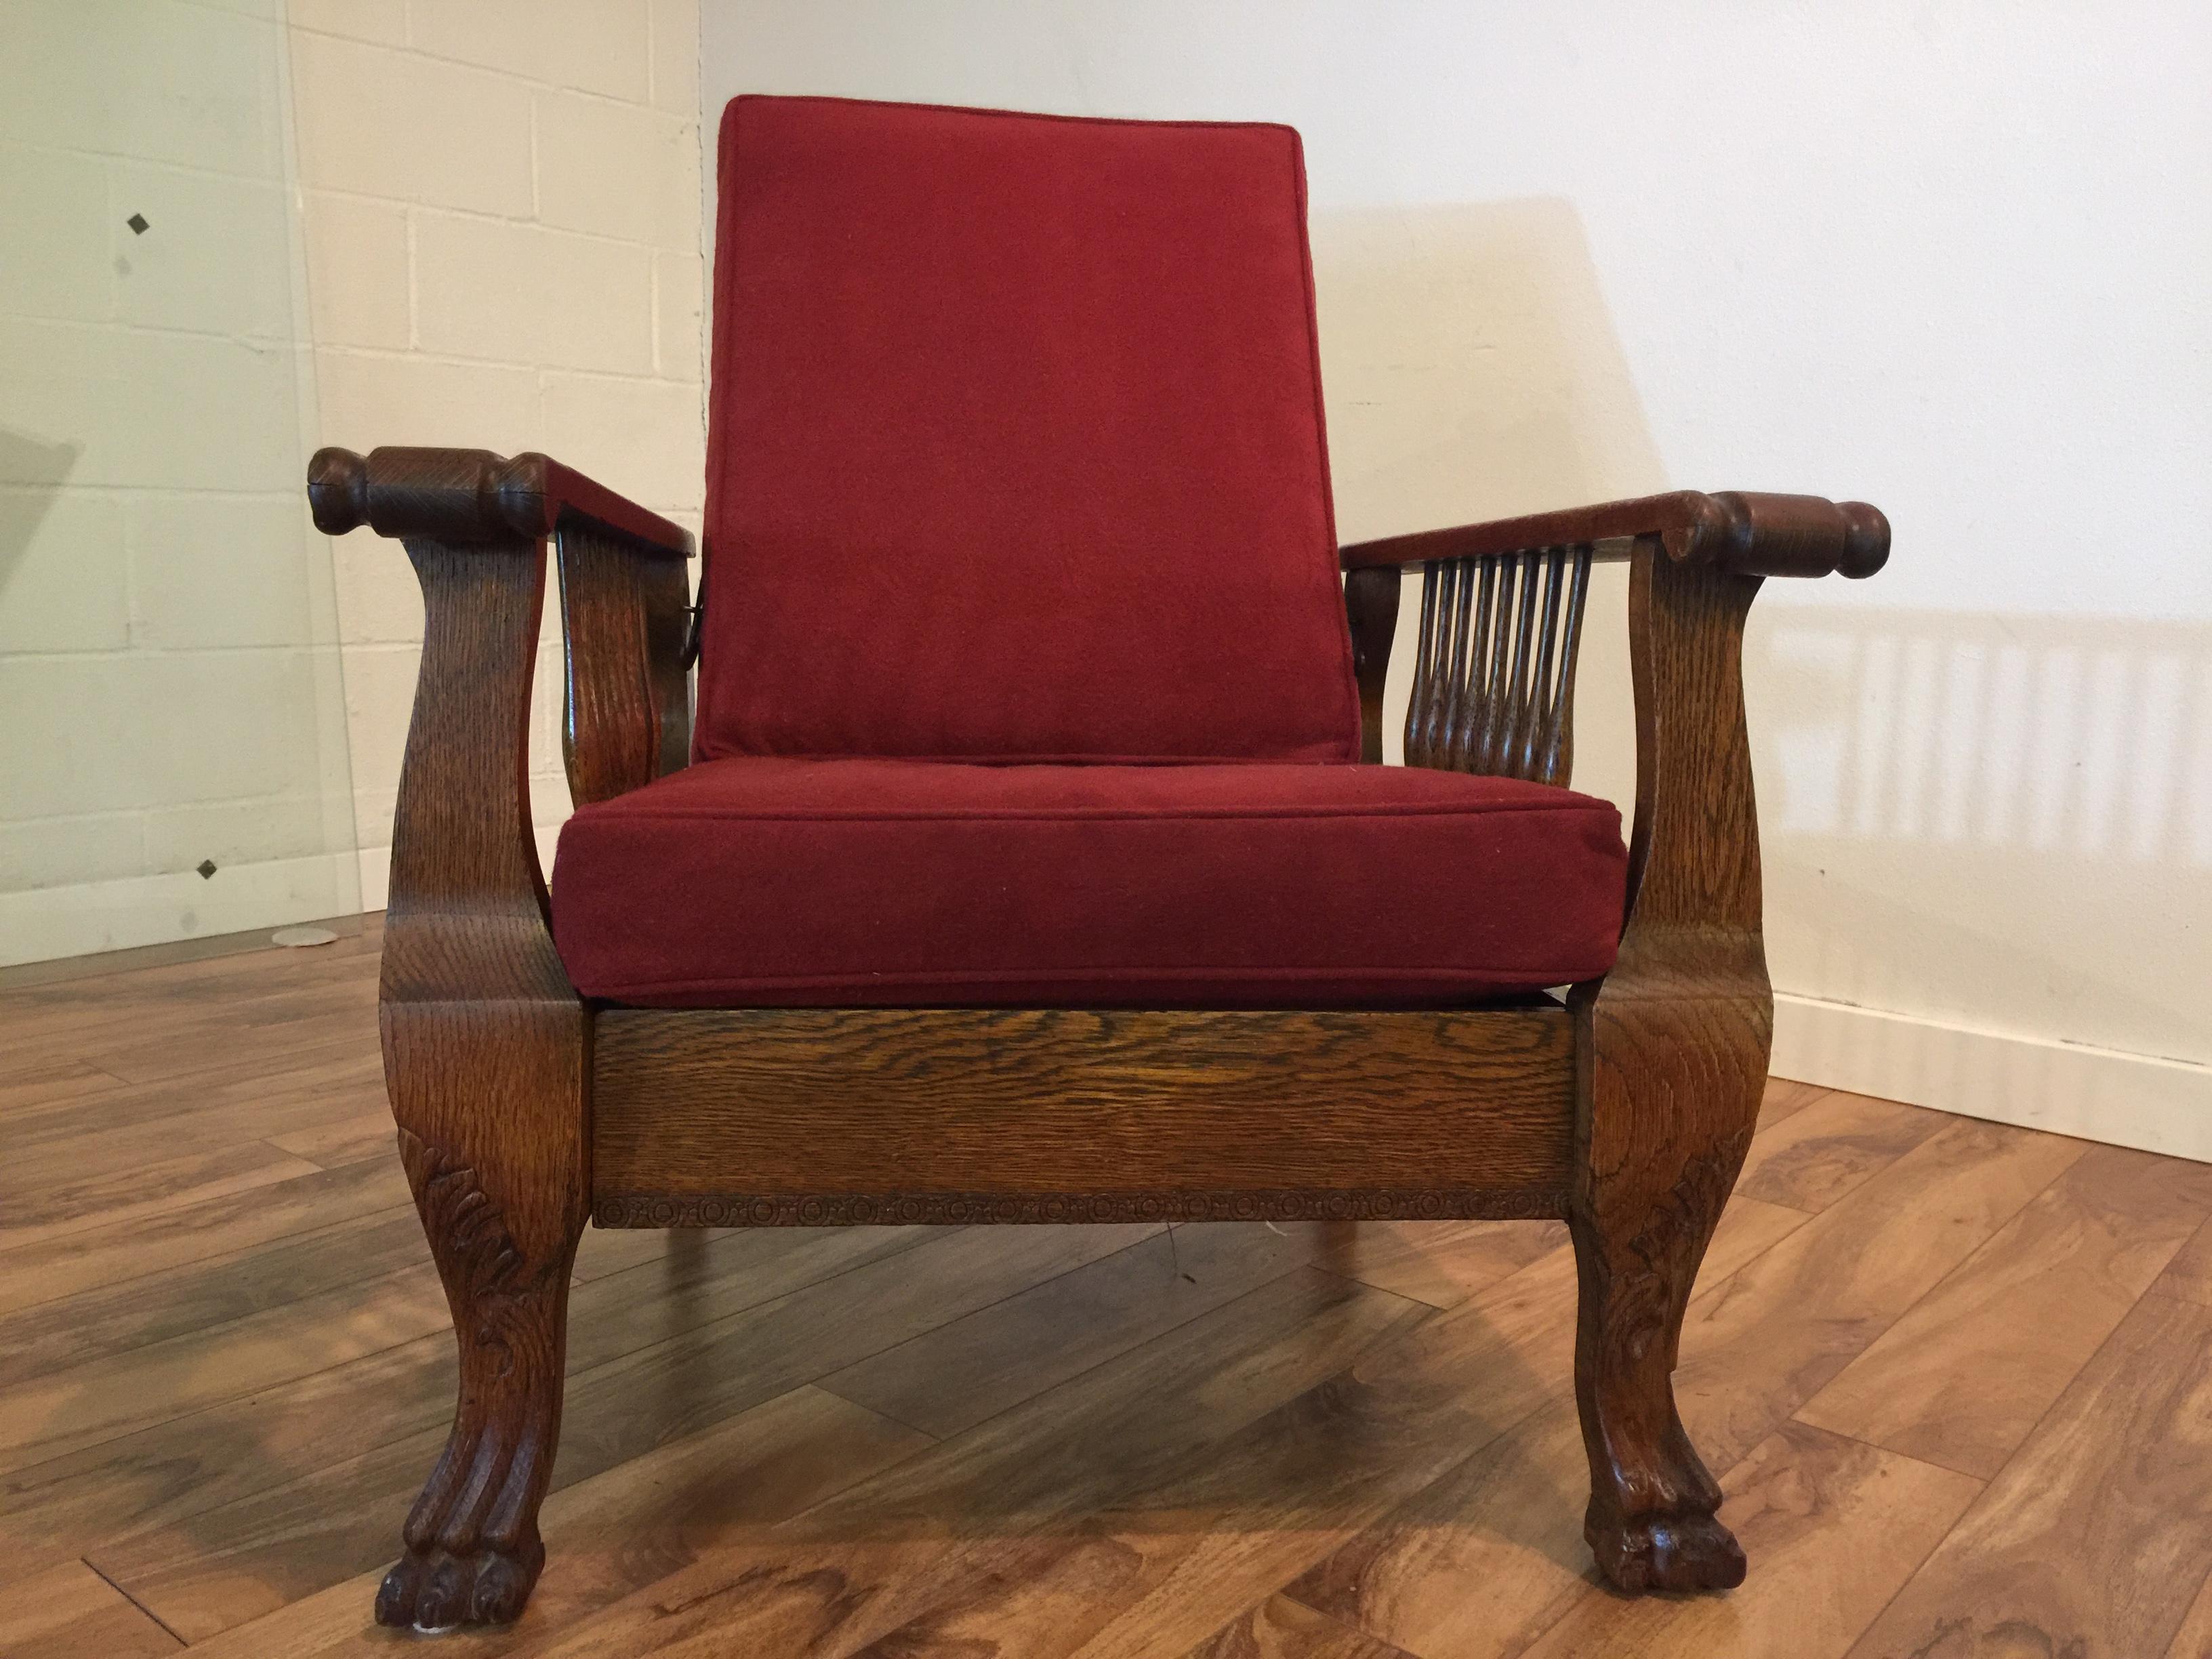 Antique Tiger Oak Morris Reclining Chair - Image 9 of 11  sc 1 st  Chairish & Antique Tiger Oak Morris Reclining Chair | Chairish islam-shia.org